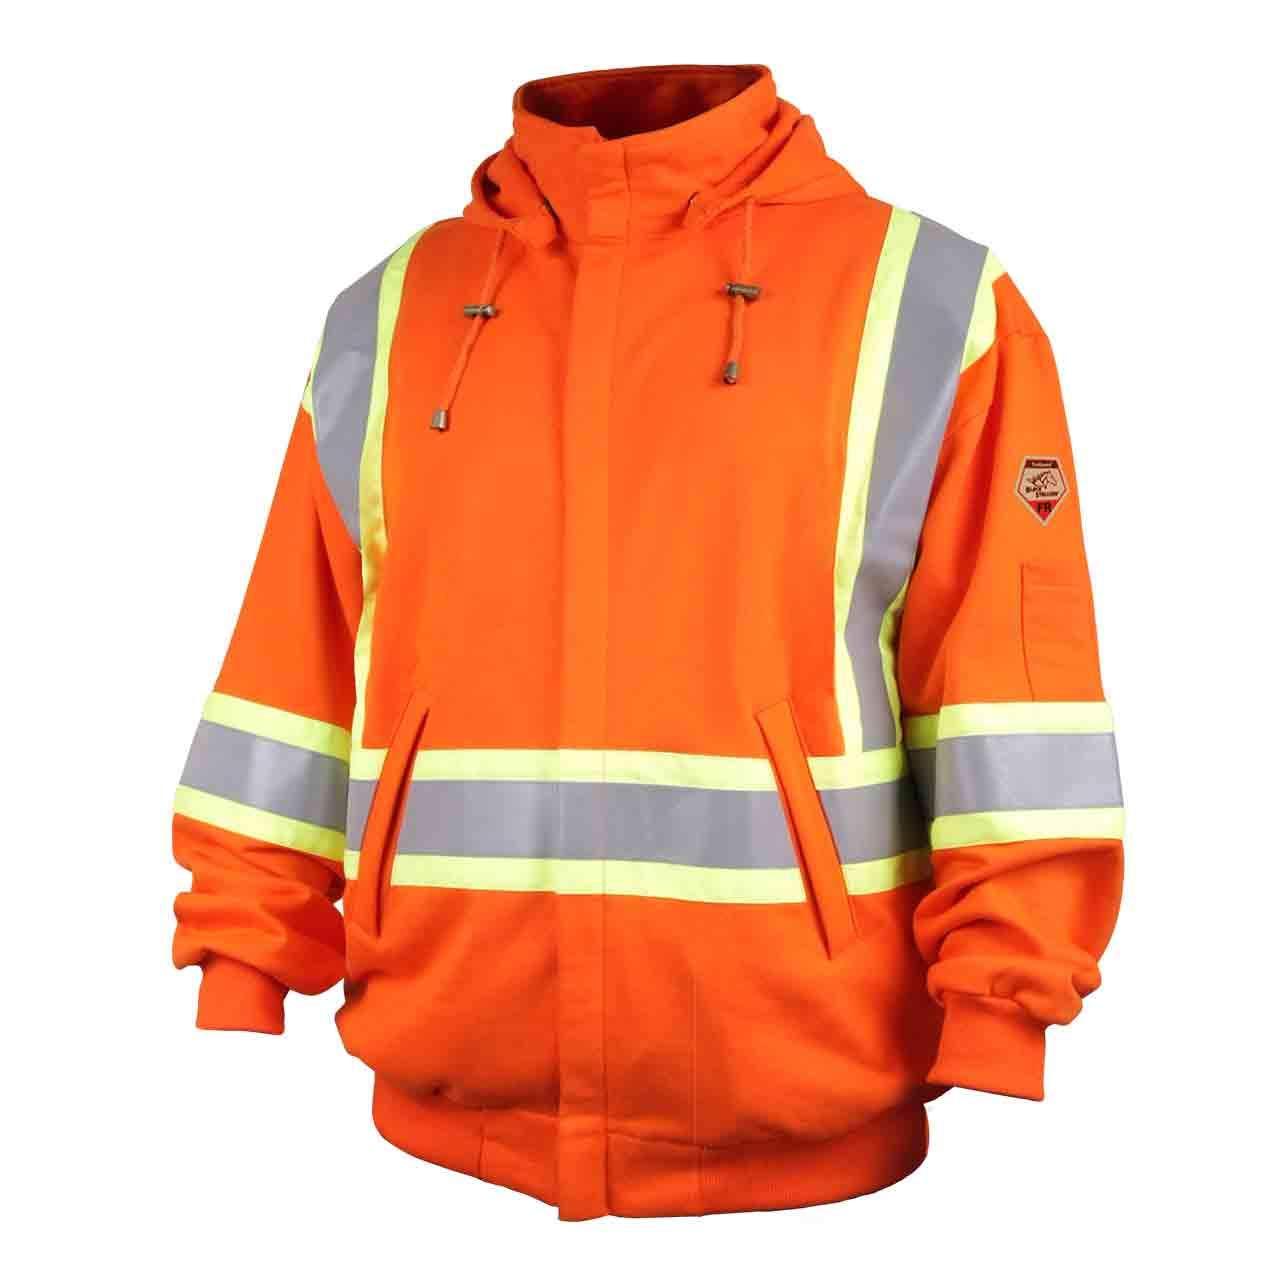 Revco/Black Stallion TruGuardTM 200 FR Cotton Hooded (Safety Orange) Sweatshirt, Reflectives LG JF1332-OR-LG